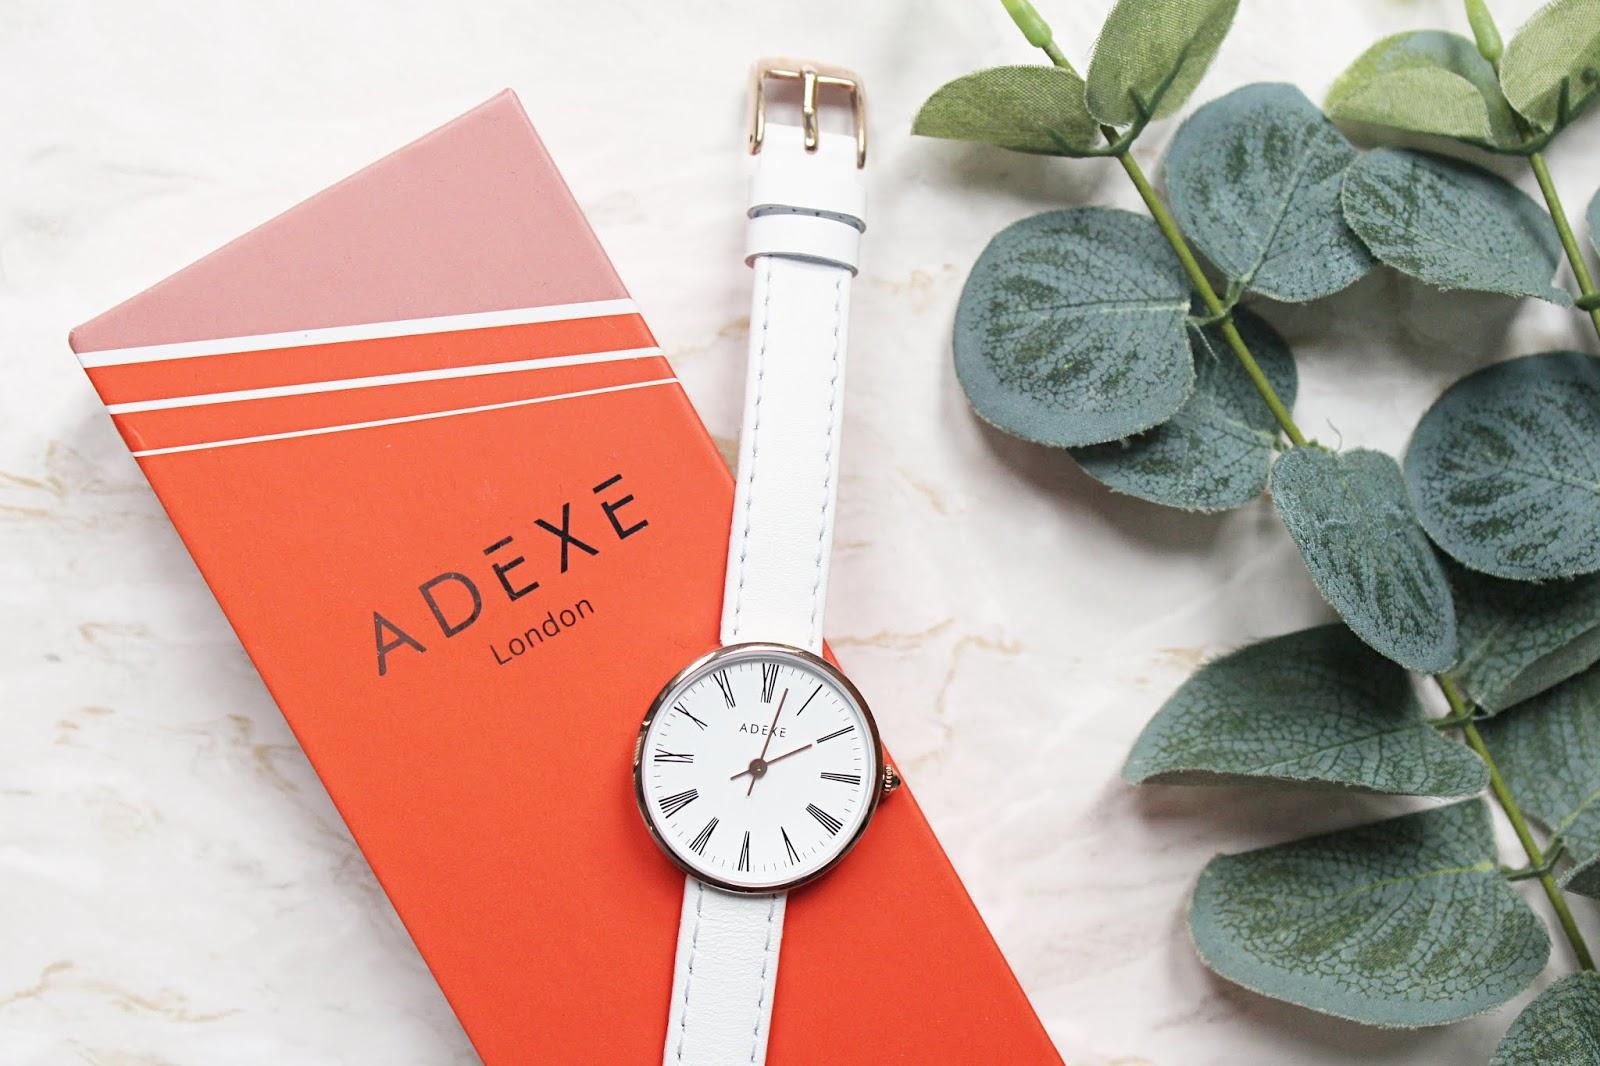 Adexe Mini Sistine - Snow White Review